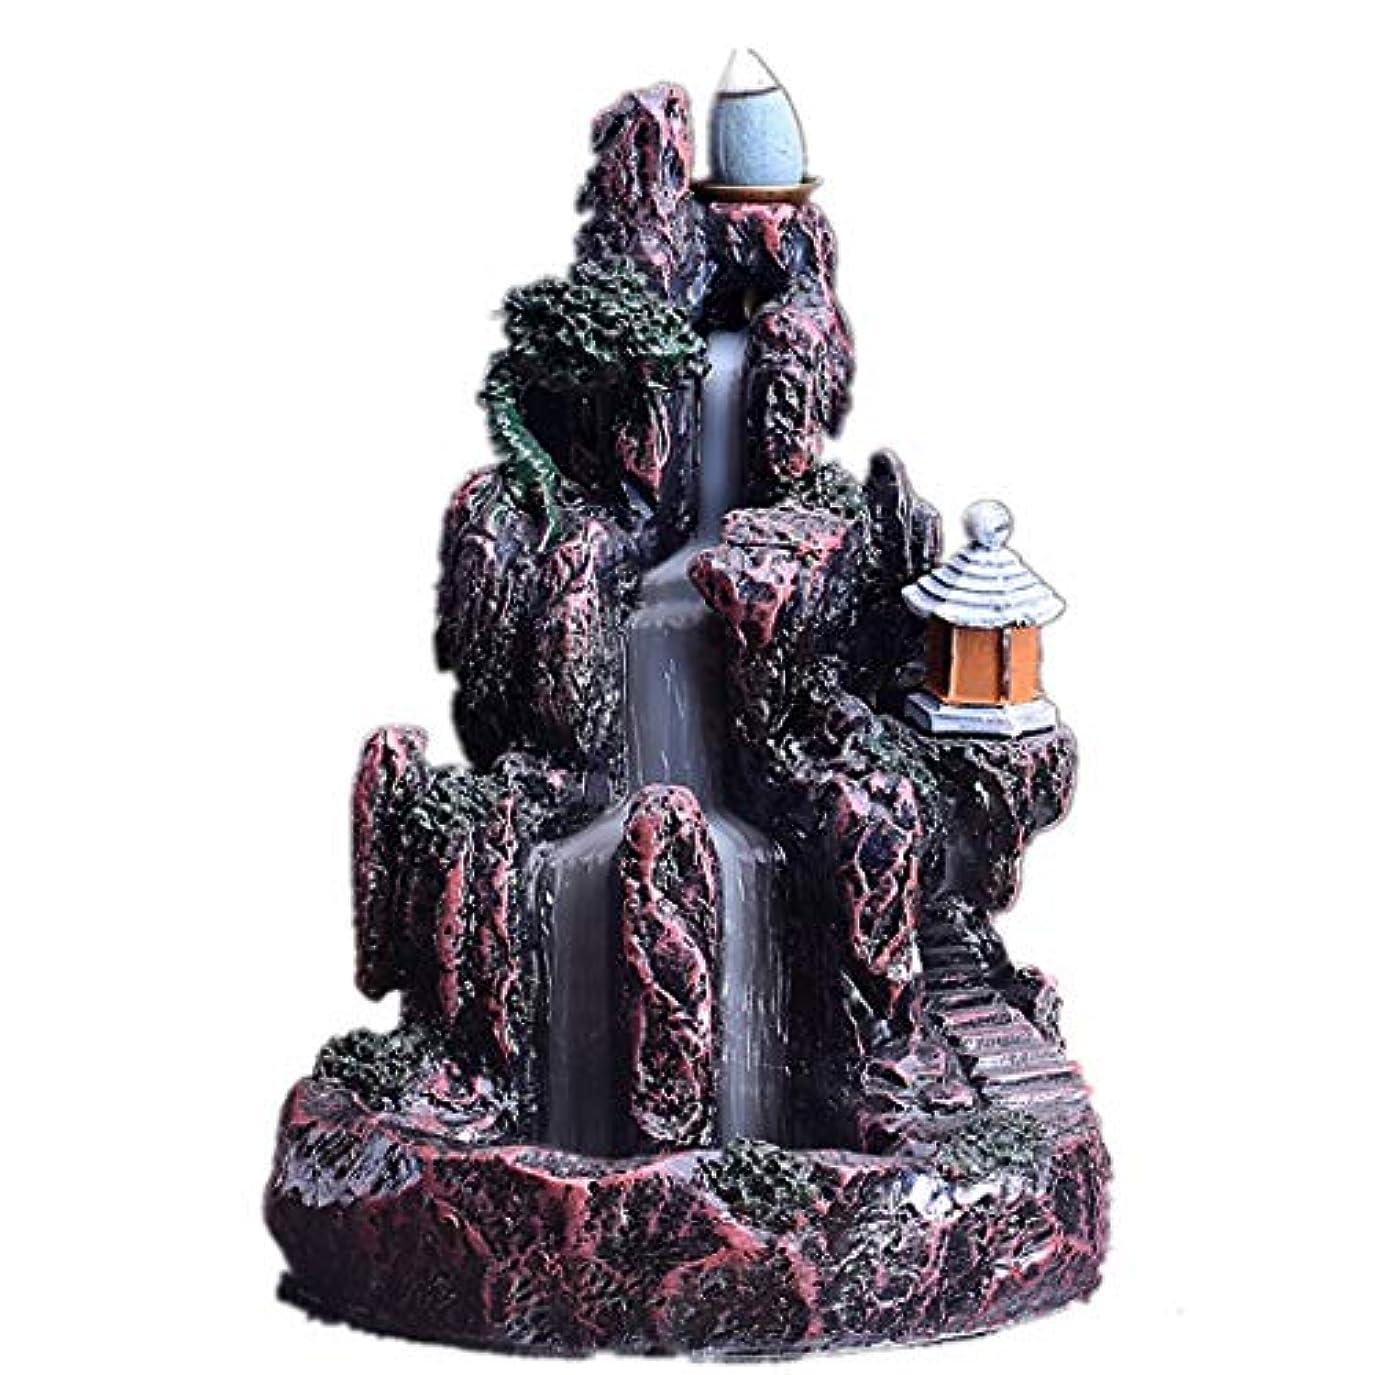 コピー通路飛行場XPPXPP Backflow Incense Burner, Household Ceramic Returning Cone-shaped Candlestick Burner